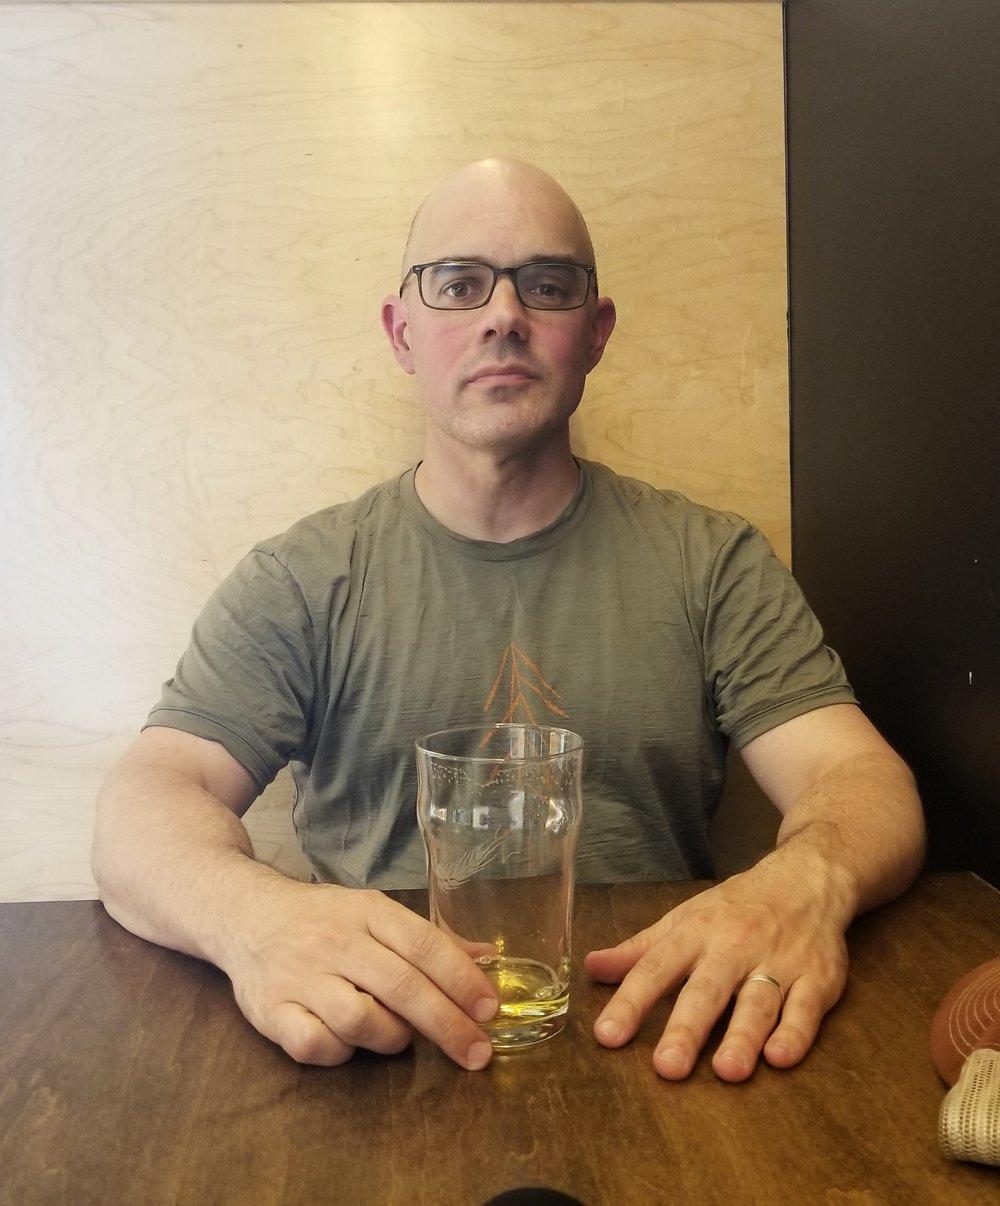 Author Josh Noel